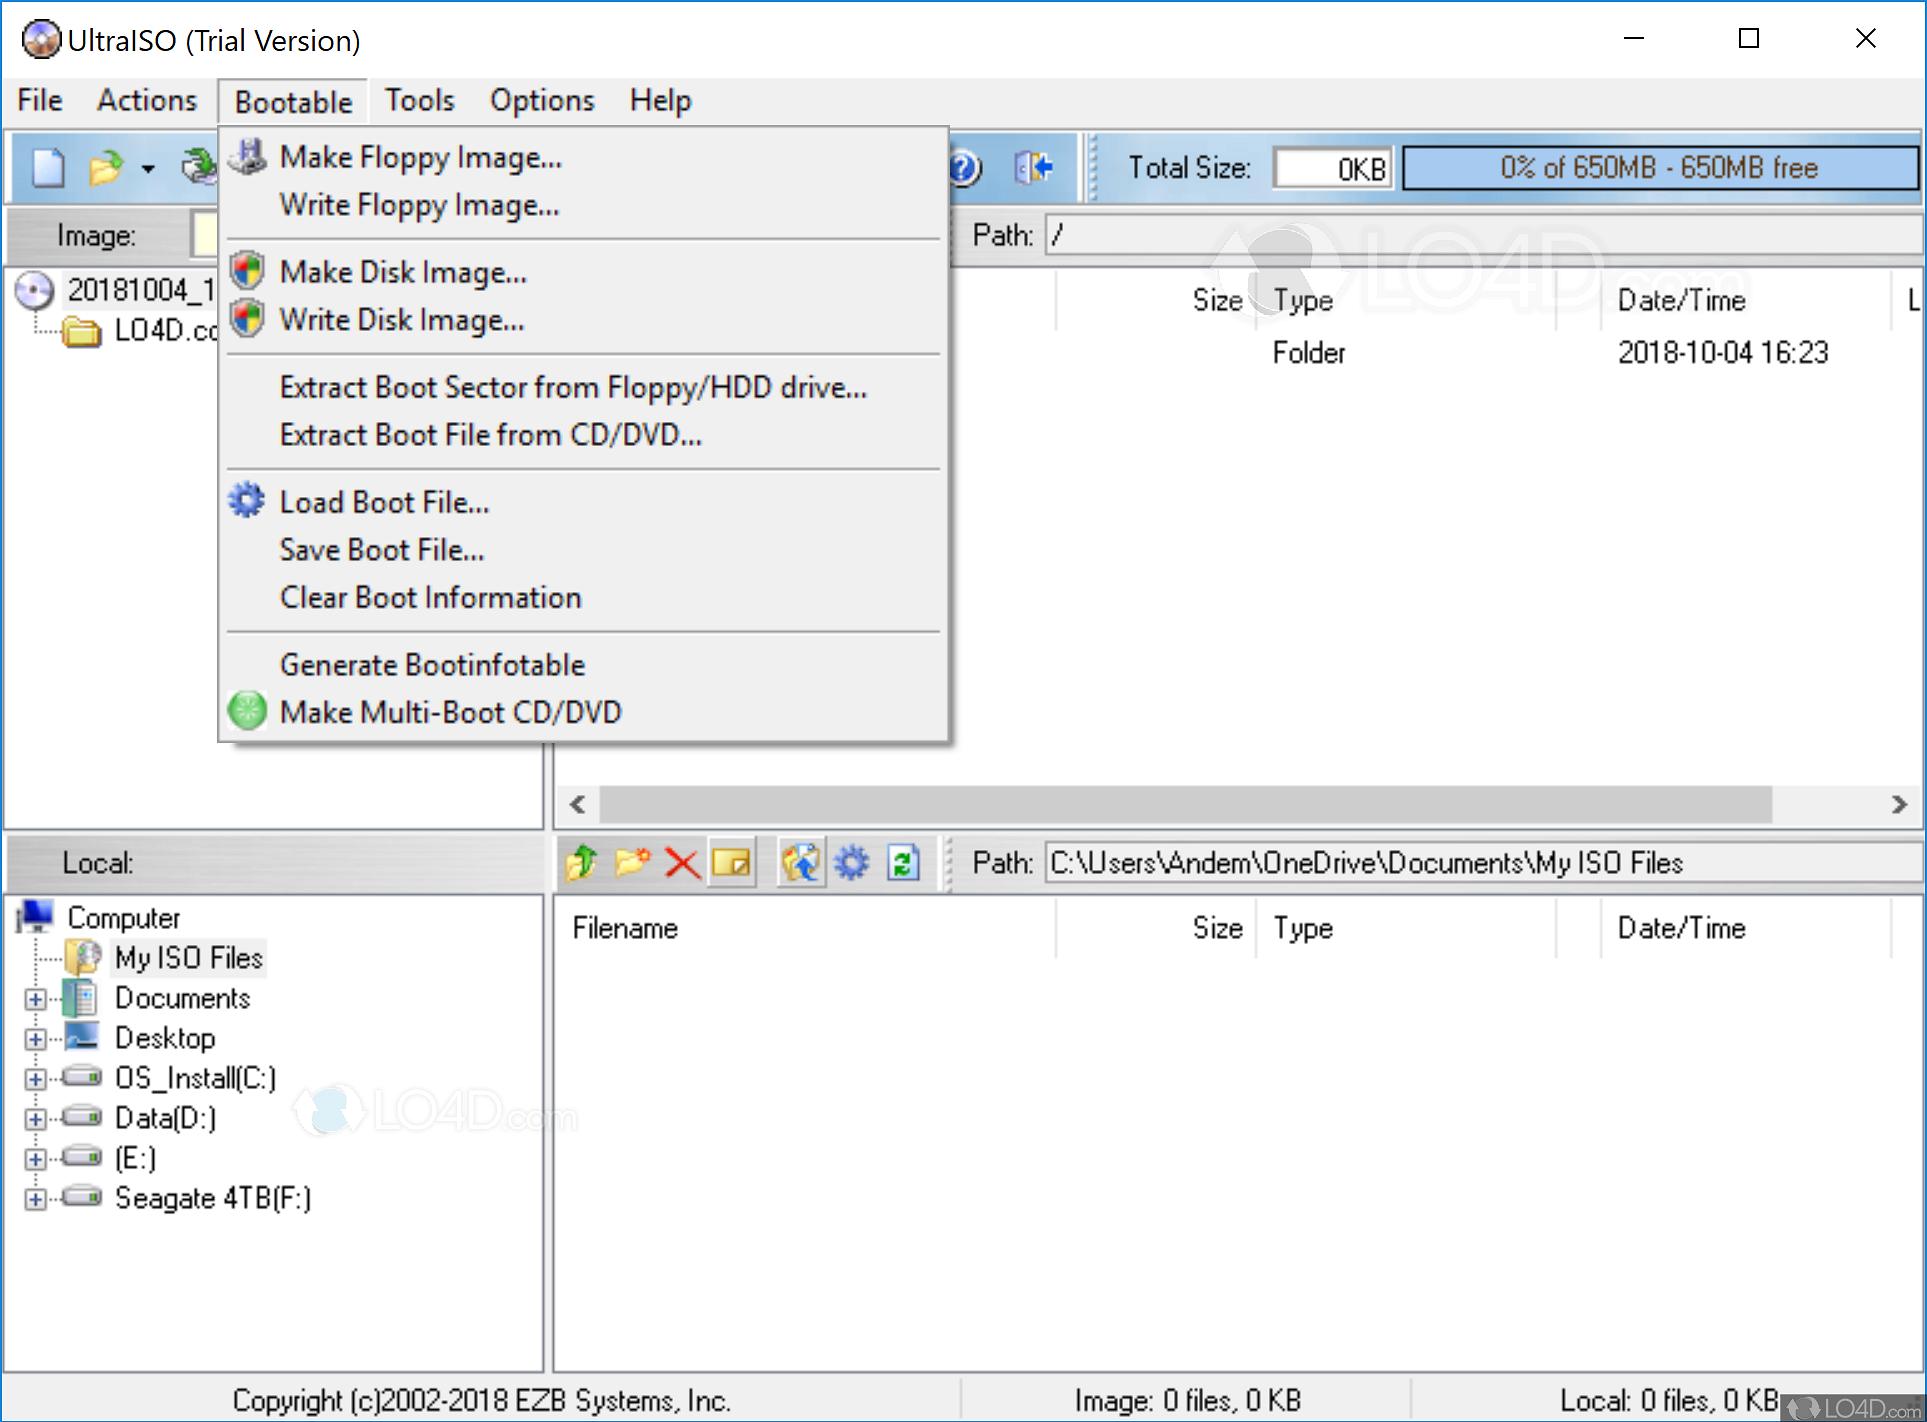 ultraiso free download windows 10 64 bit